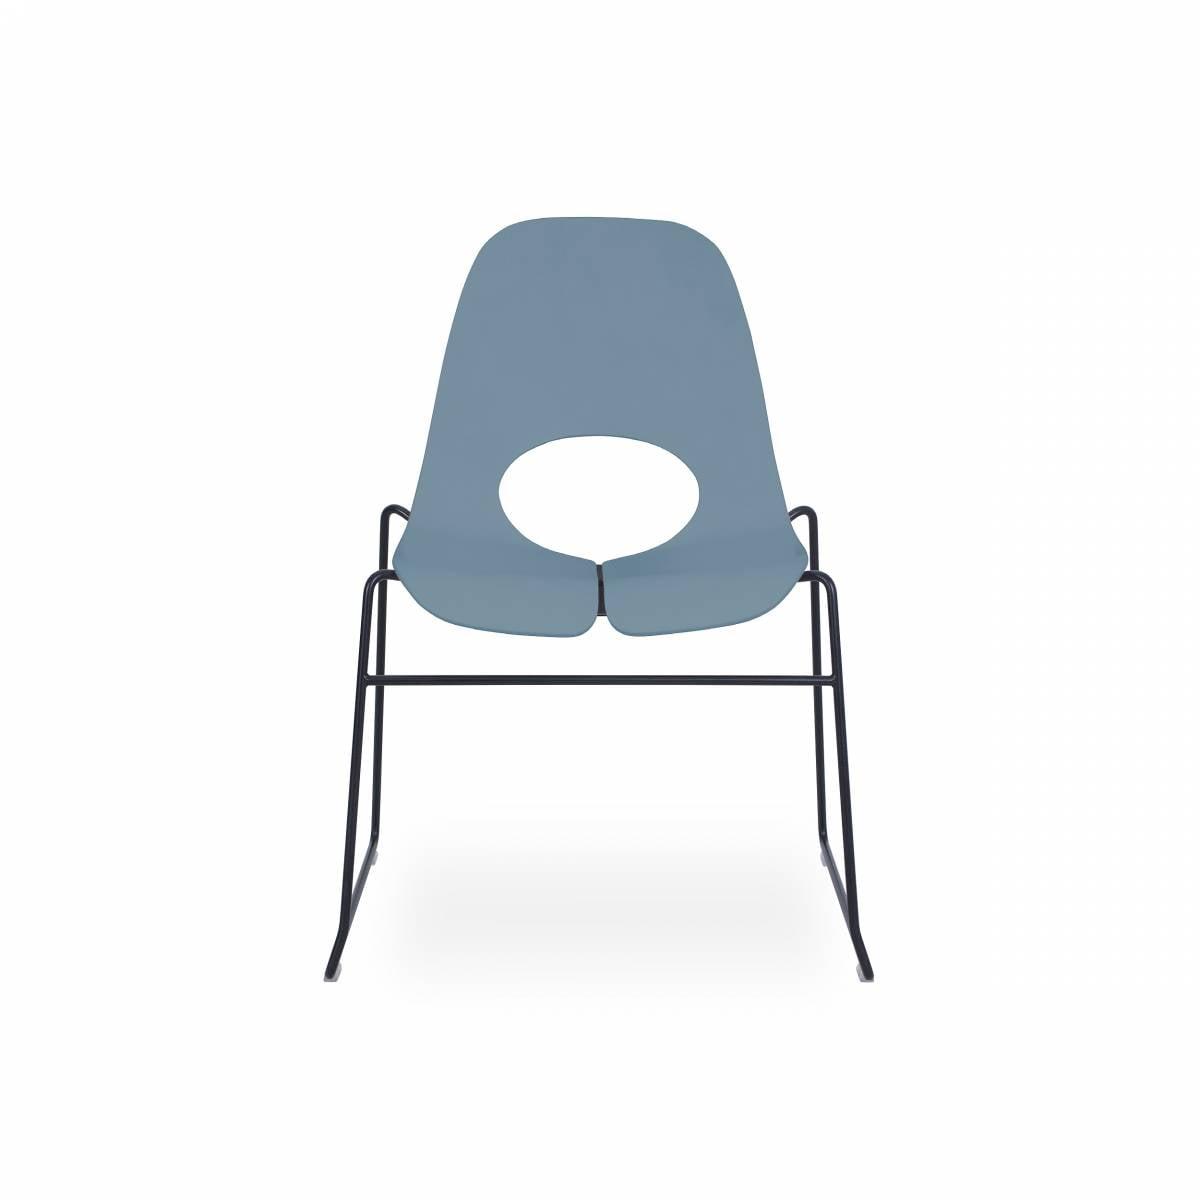 Chaise coque bois hêtre peint, pied cadre métal noir chaise TAUKO sur GEMENOS